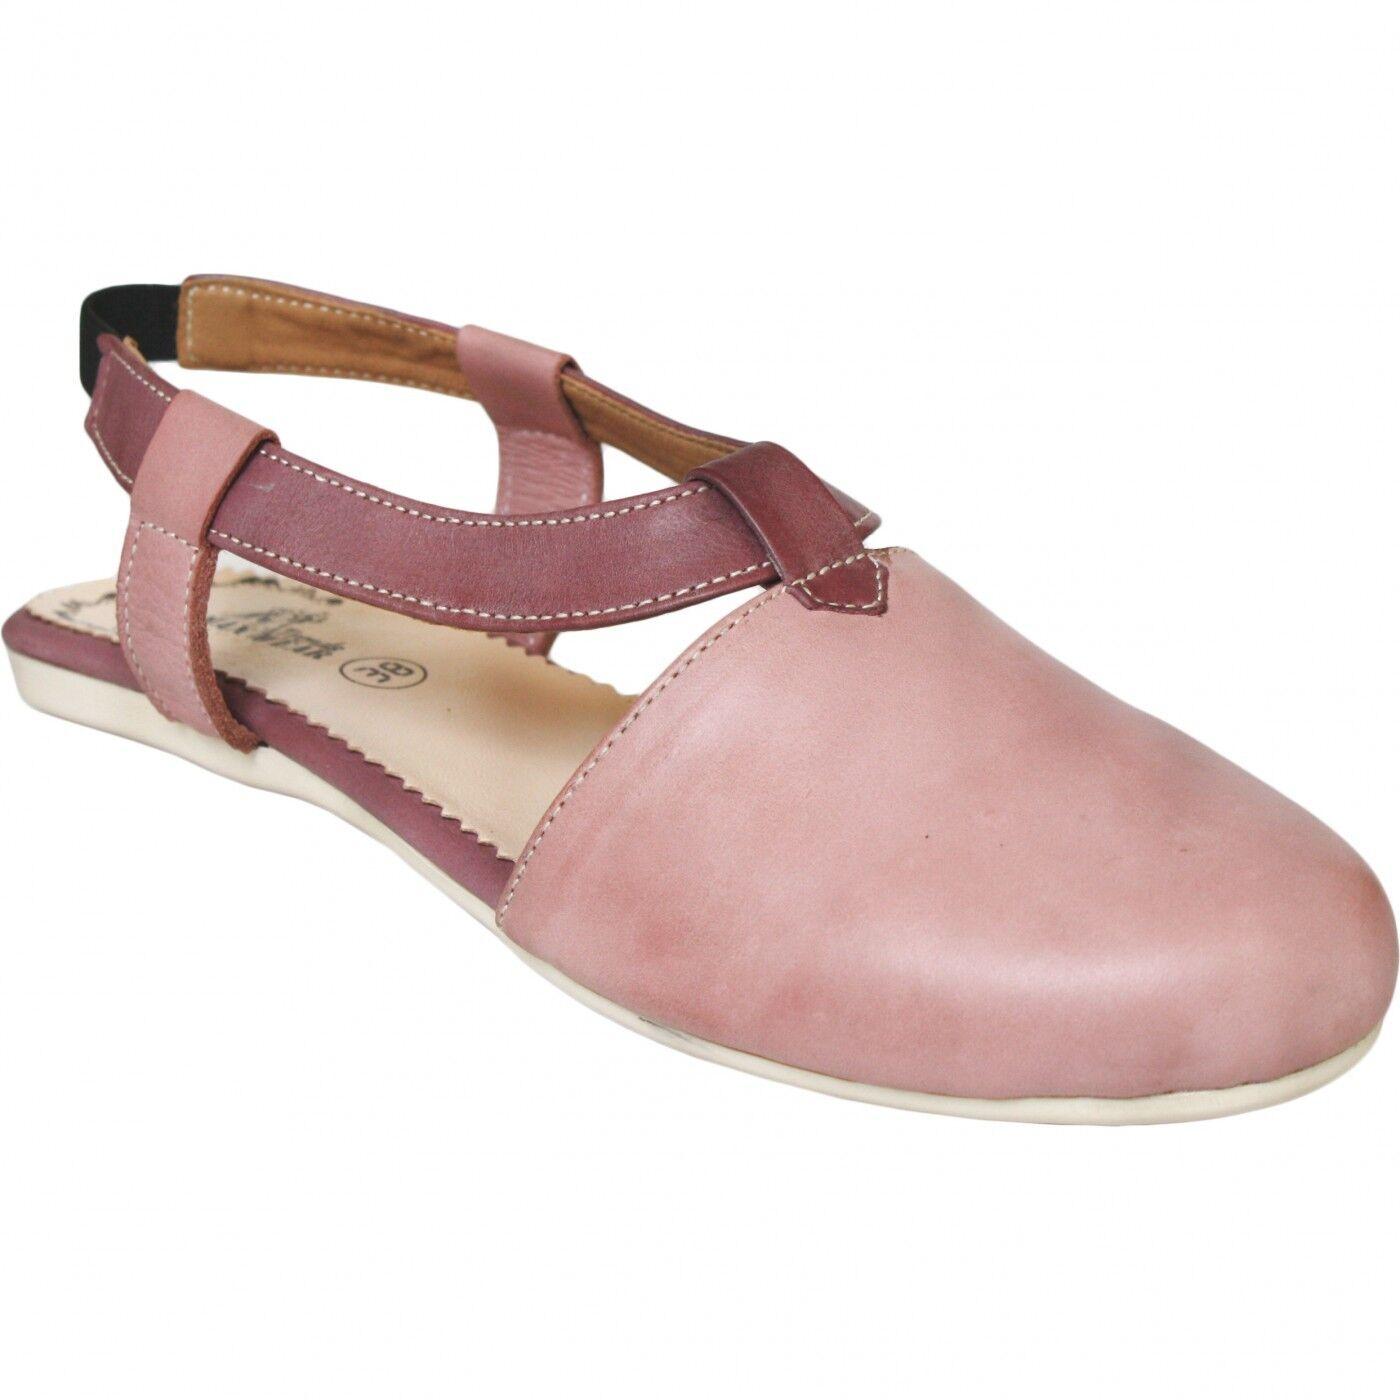 German Wear, Geschlossene Sandale aus echtem Leder lederschuhe Trendschuhe pink